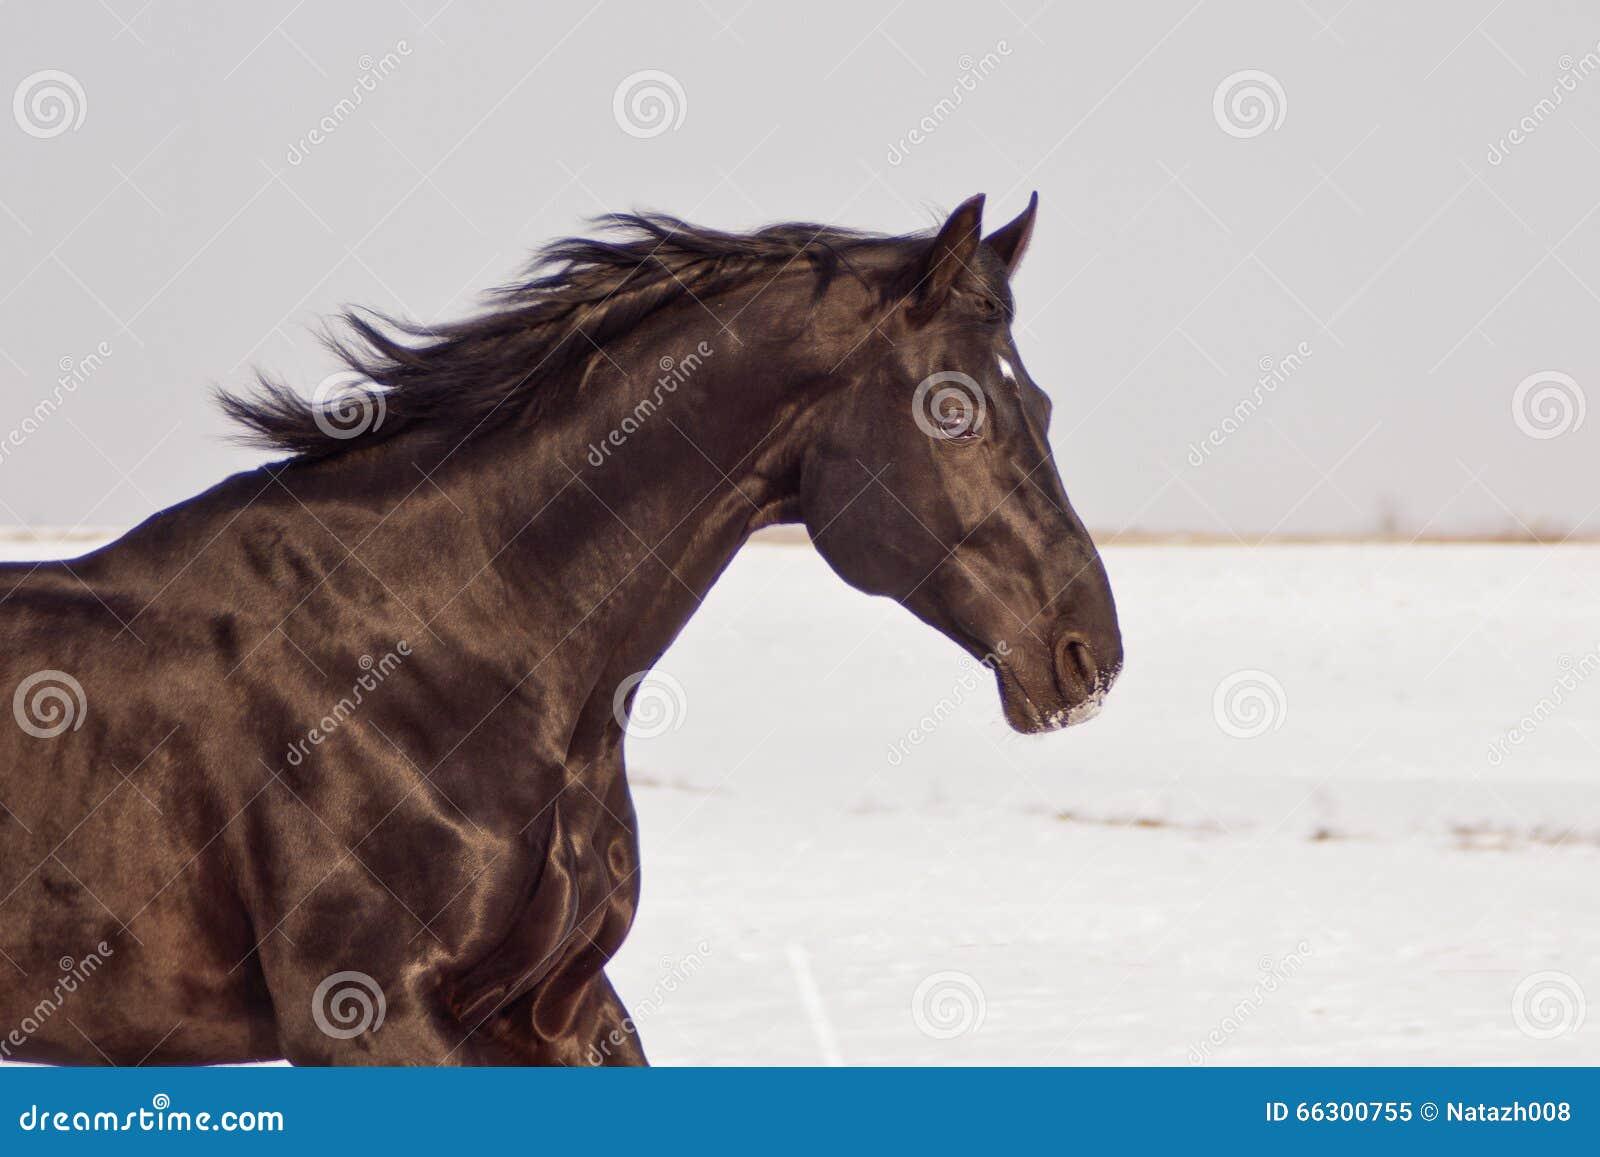 Dark Brown Horse Running Stock Photo - Image: 66300755